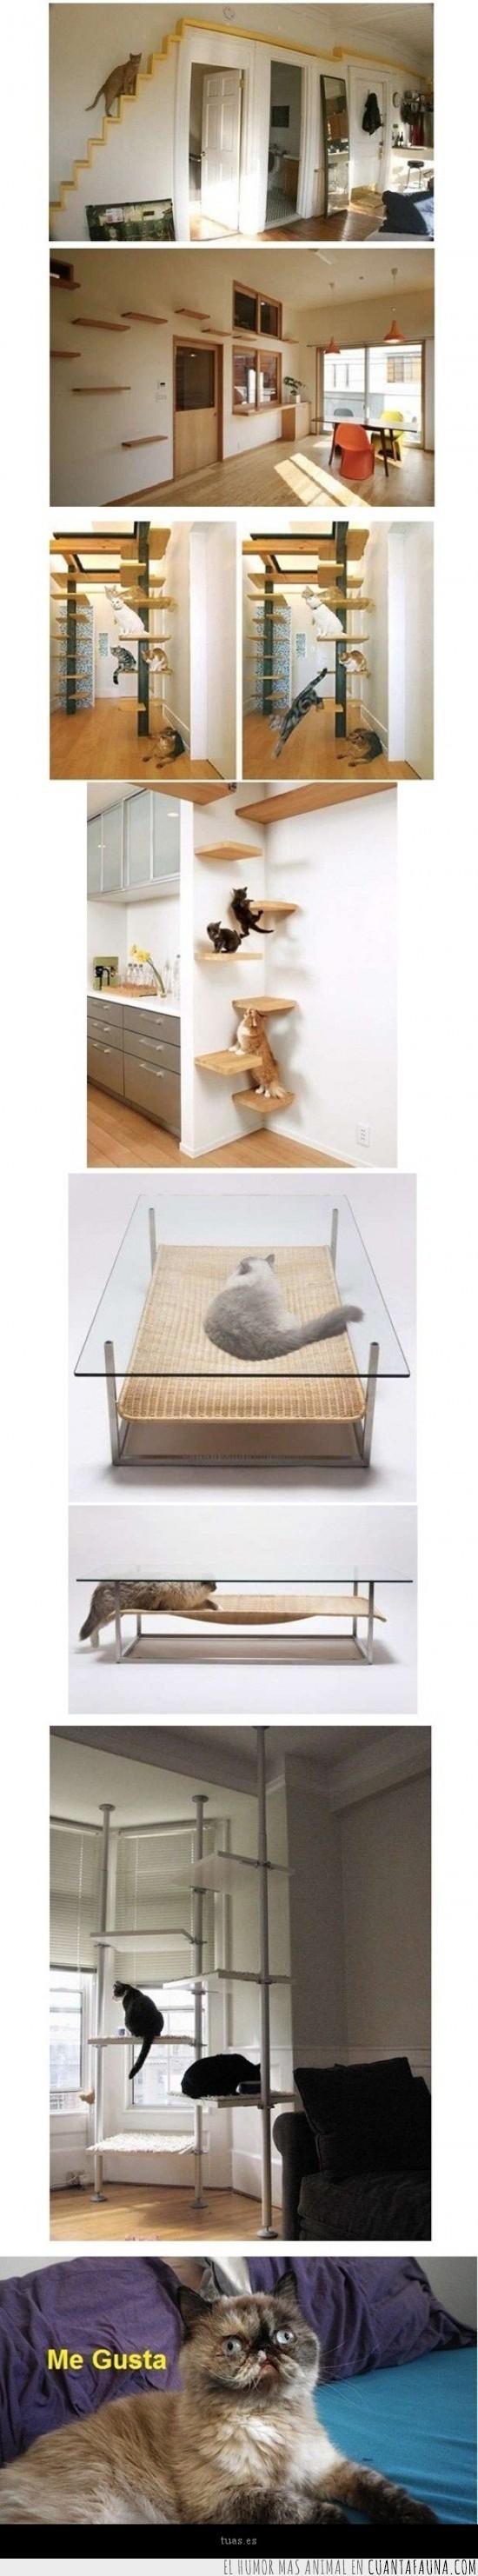 accesorios,felino,gato,gatuno,me gusta,muebles,paraiso